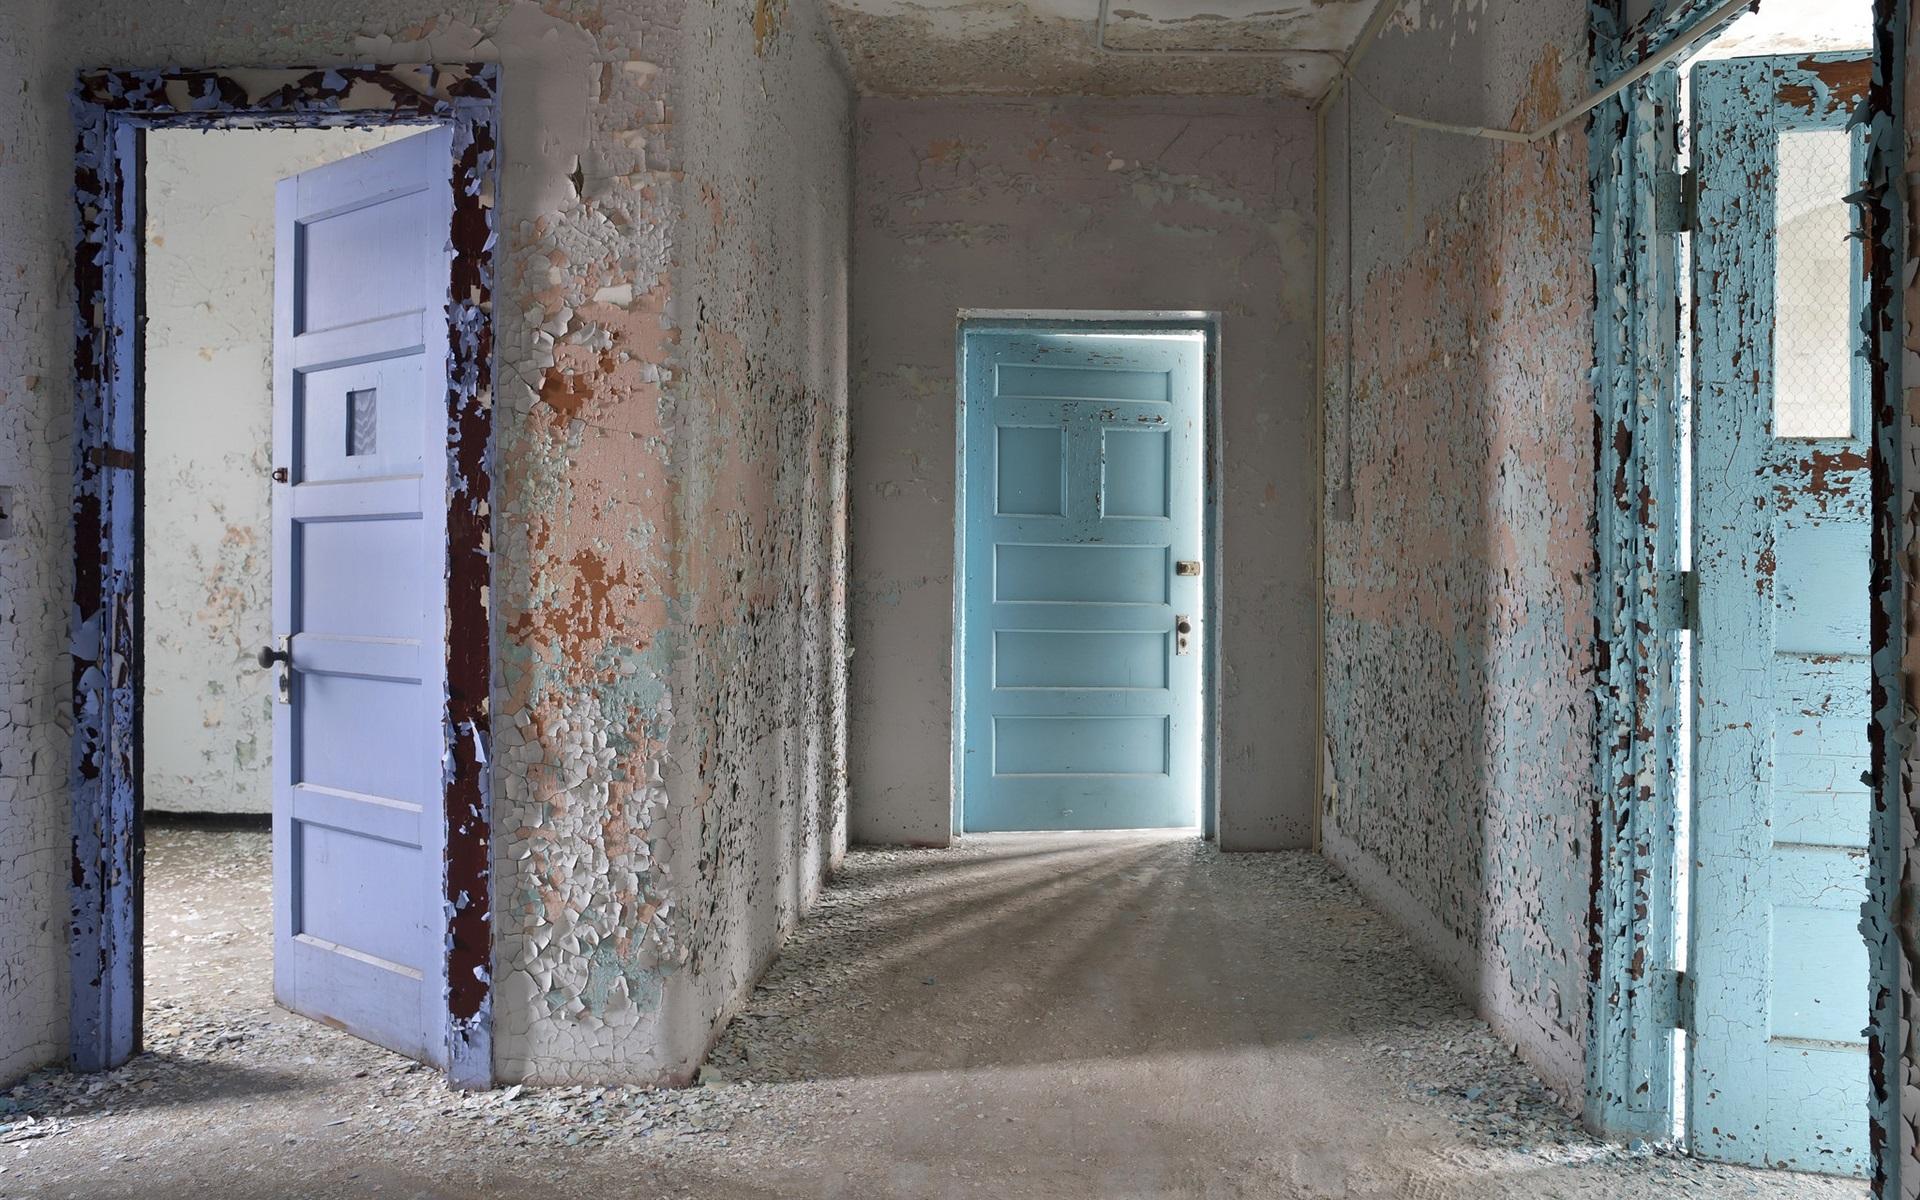 картинки открытой двери квартиры надо думать, что